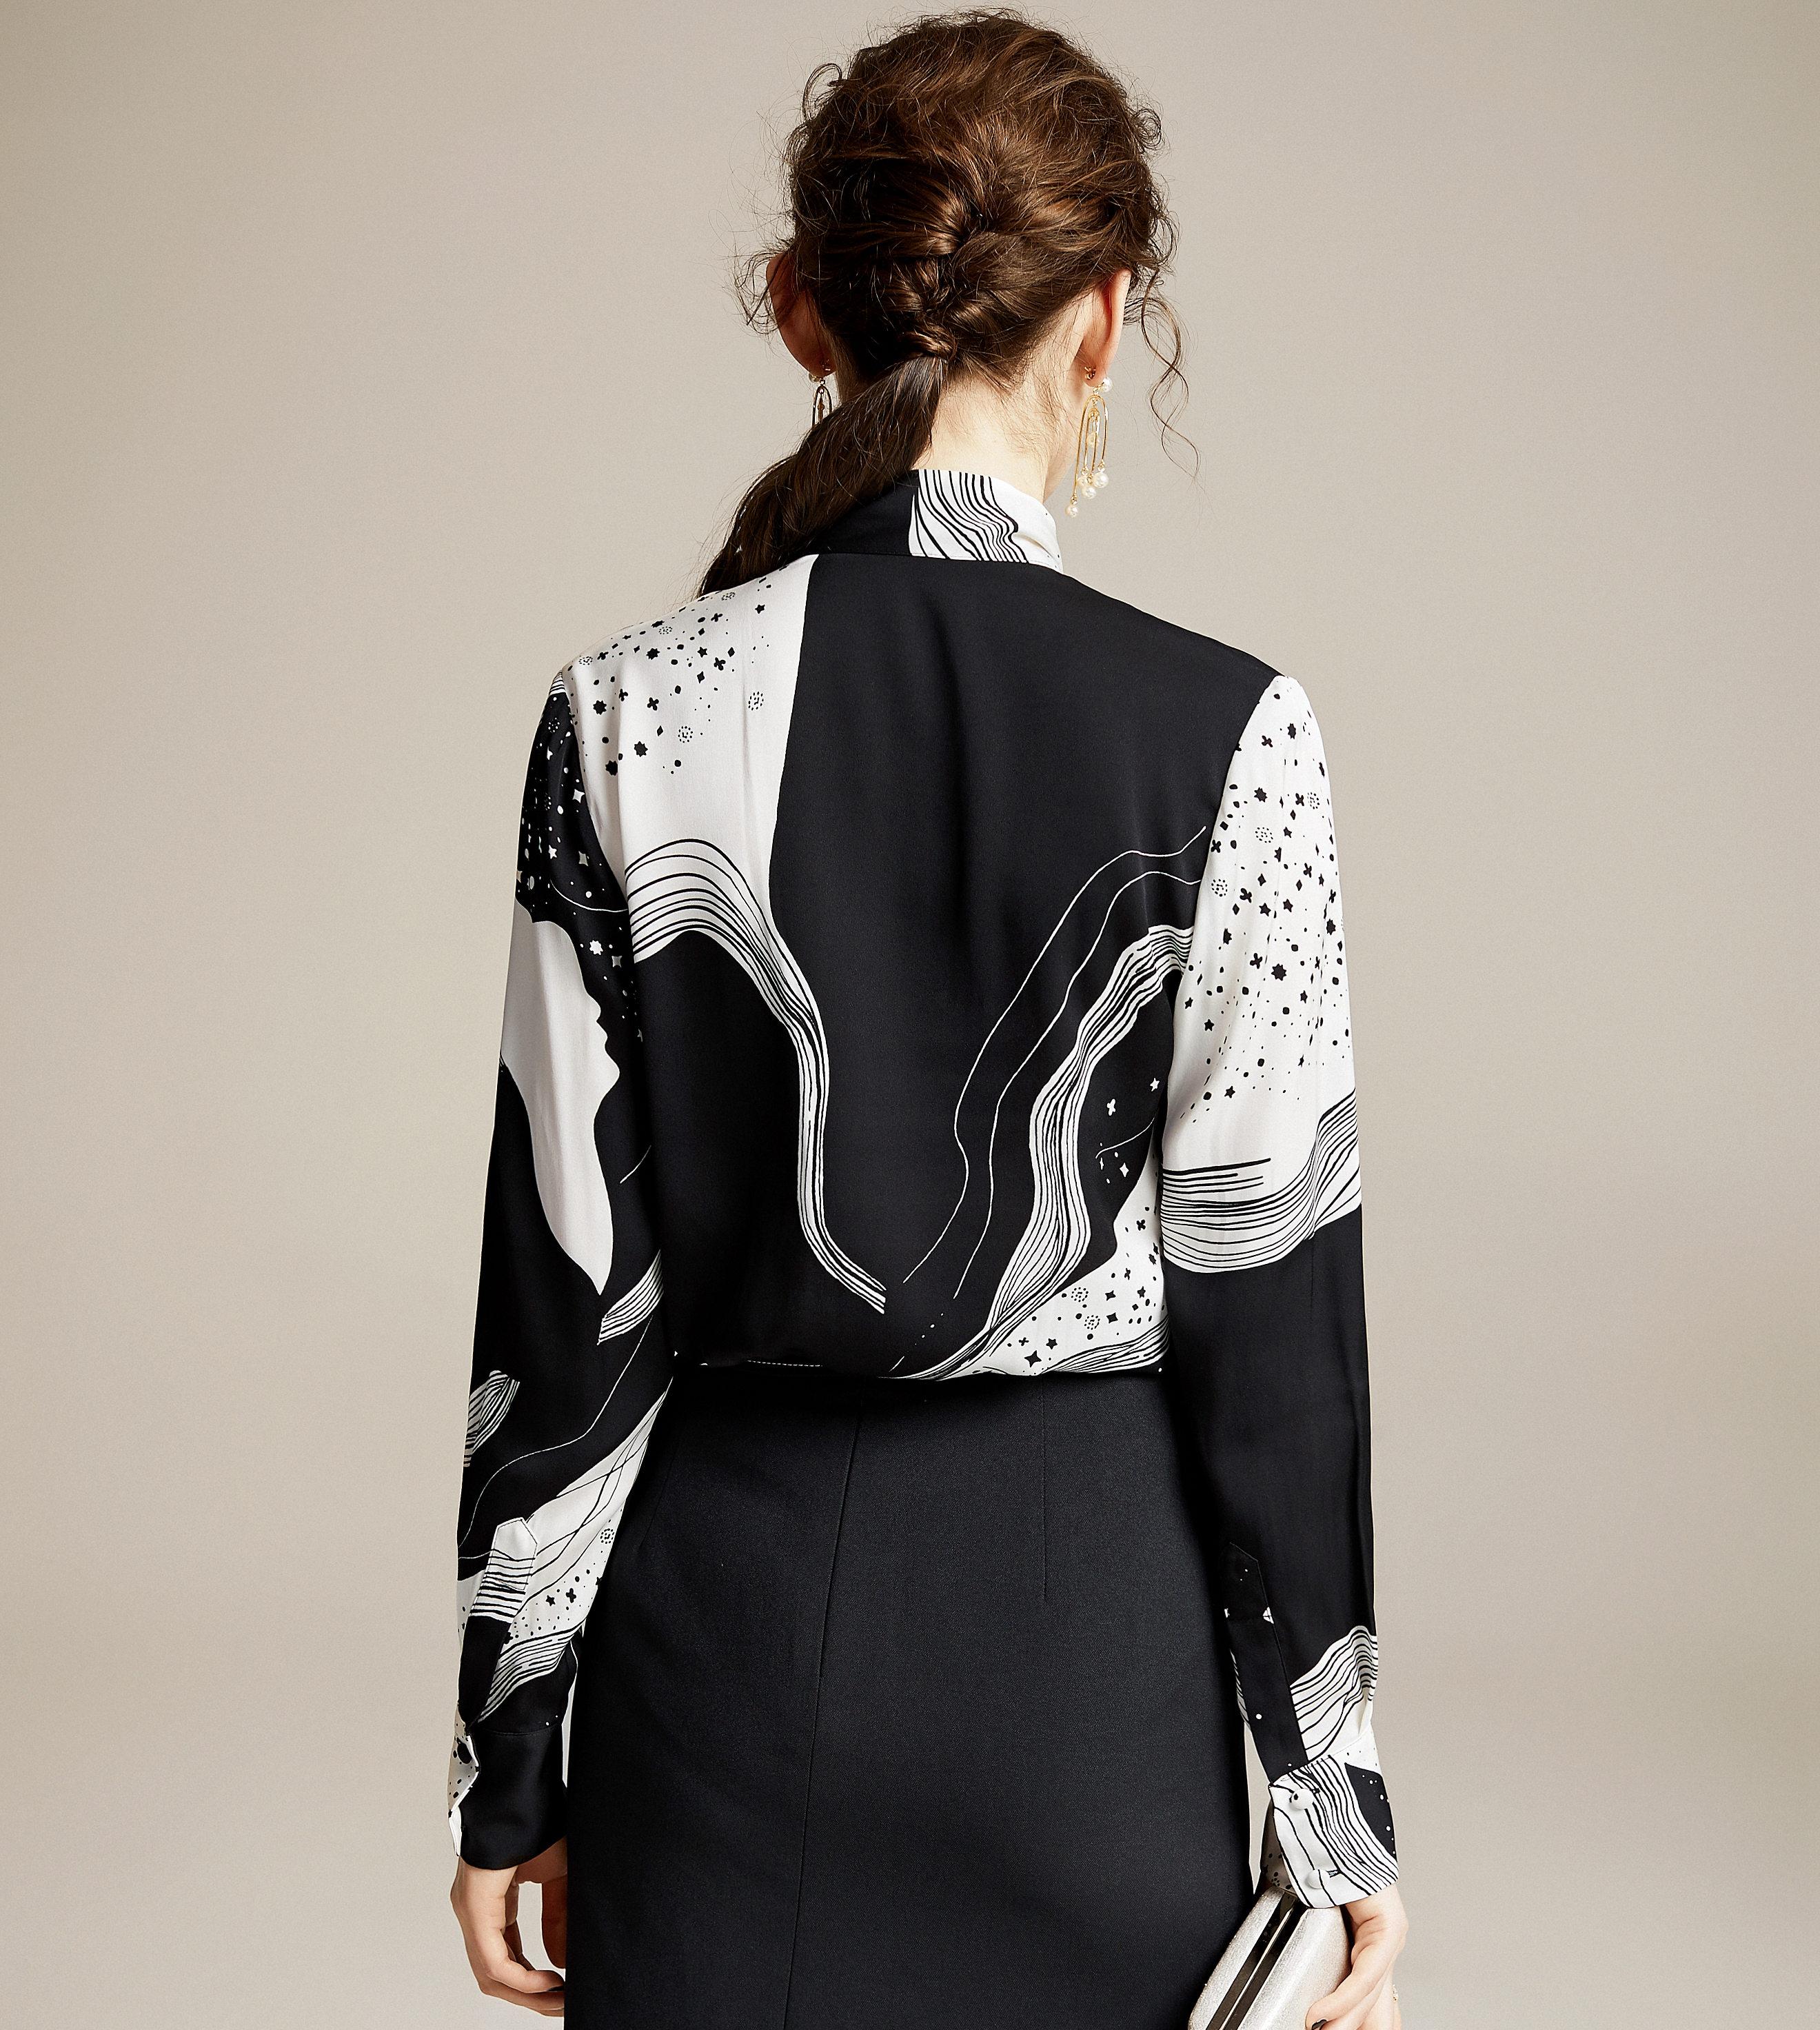 Купить высококачественная 100% шелковая блузка для женщин легкая ткань